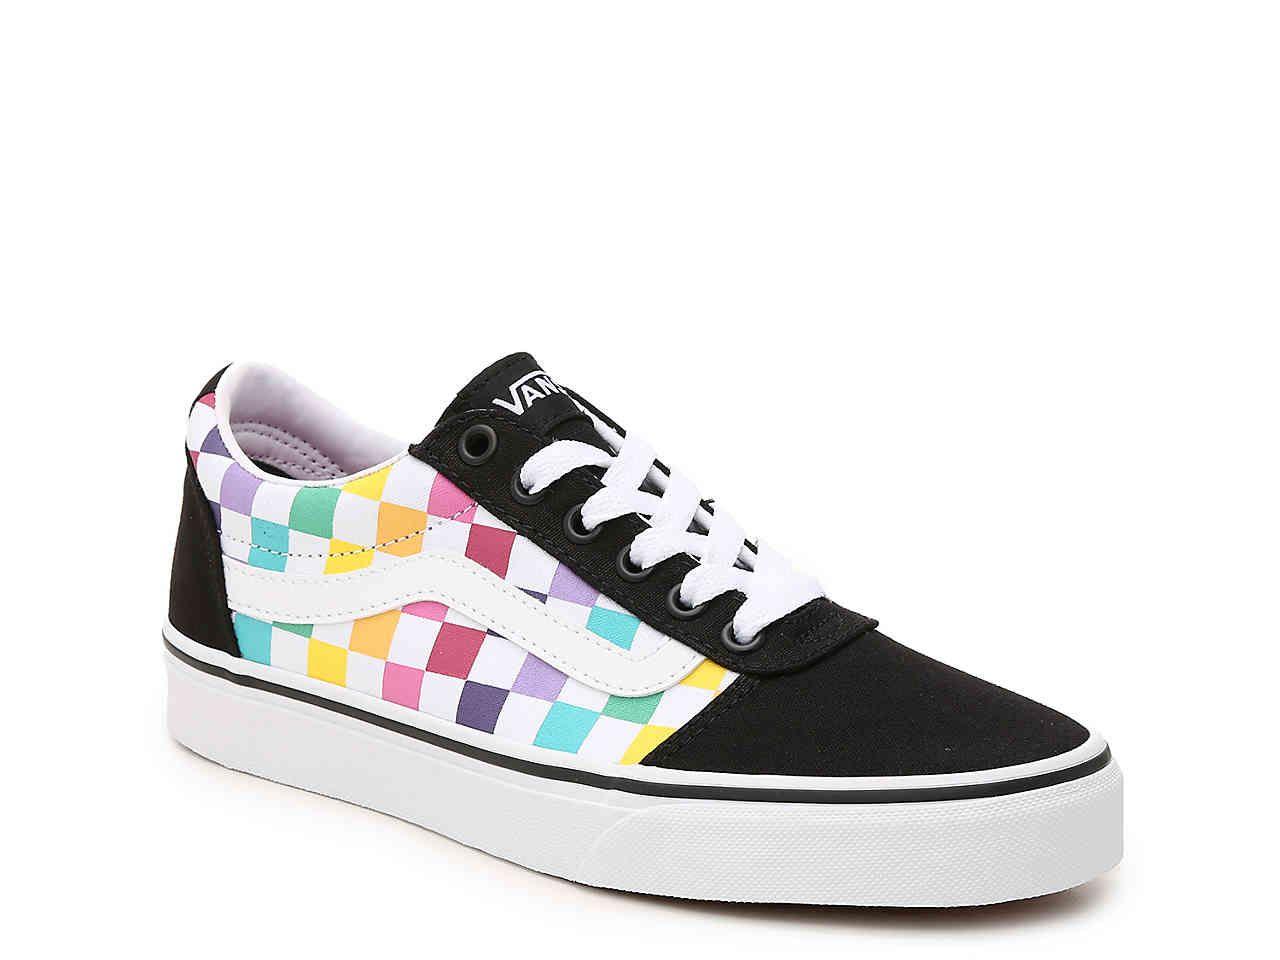 Vans Ward Lo Party Check Sneaker